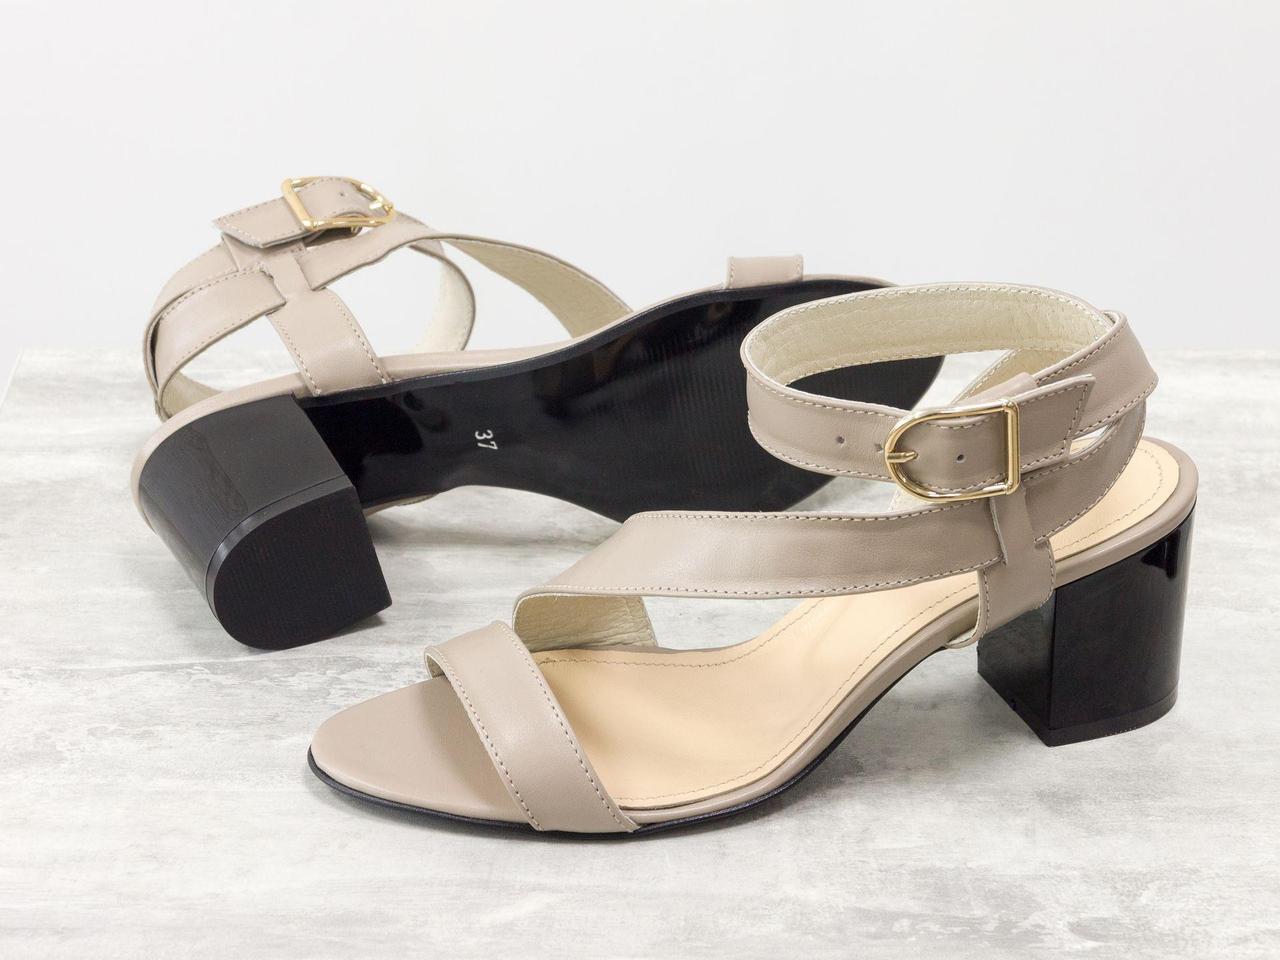 Удобные кожаные Босоножки бежевого цвета на невысоком каблуке